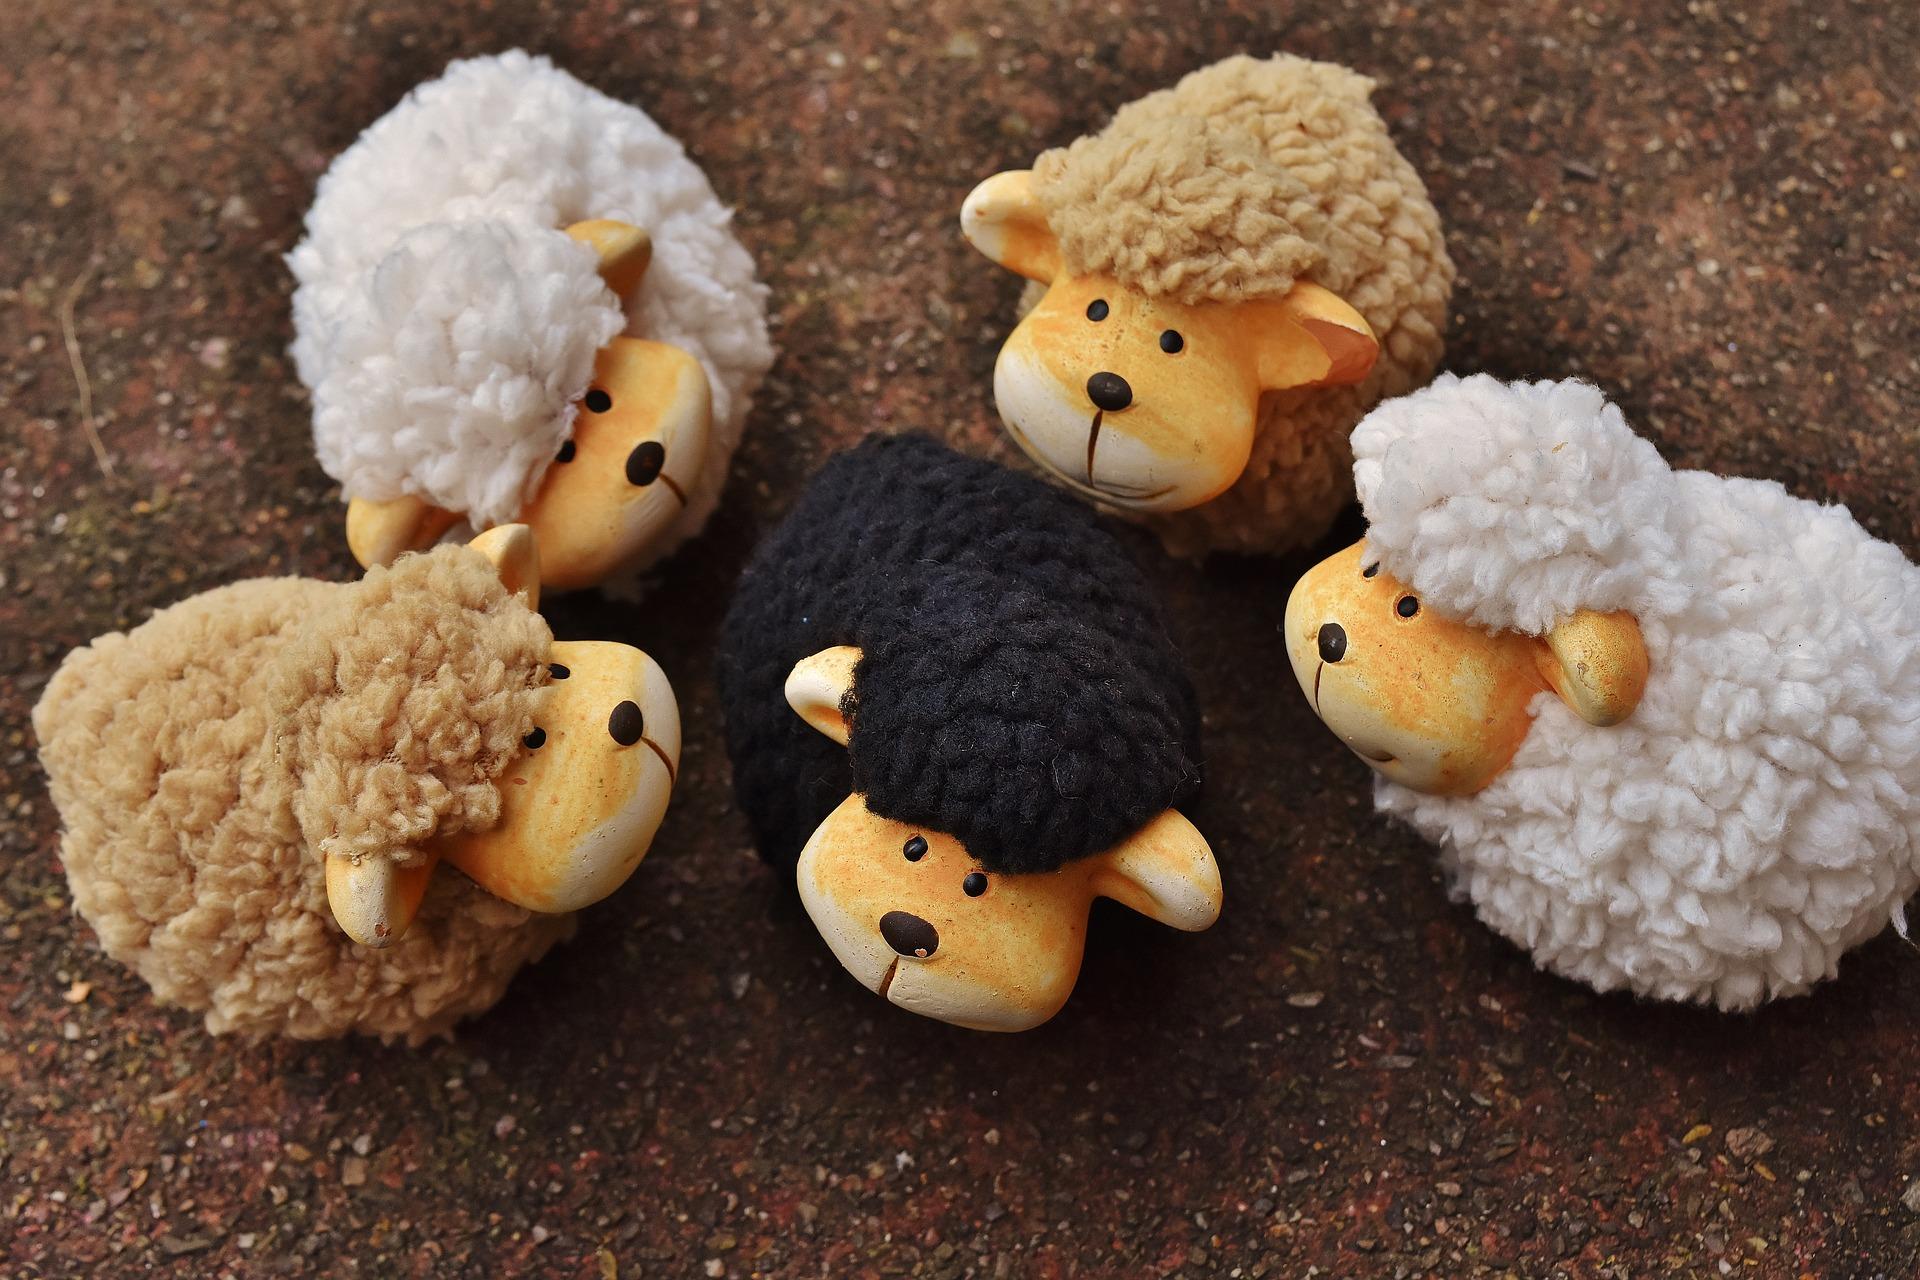 La oveja negra cumple un rol necesario en el sistema familiar.